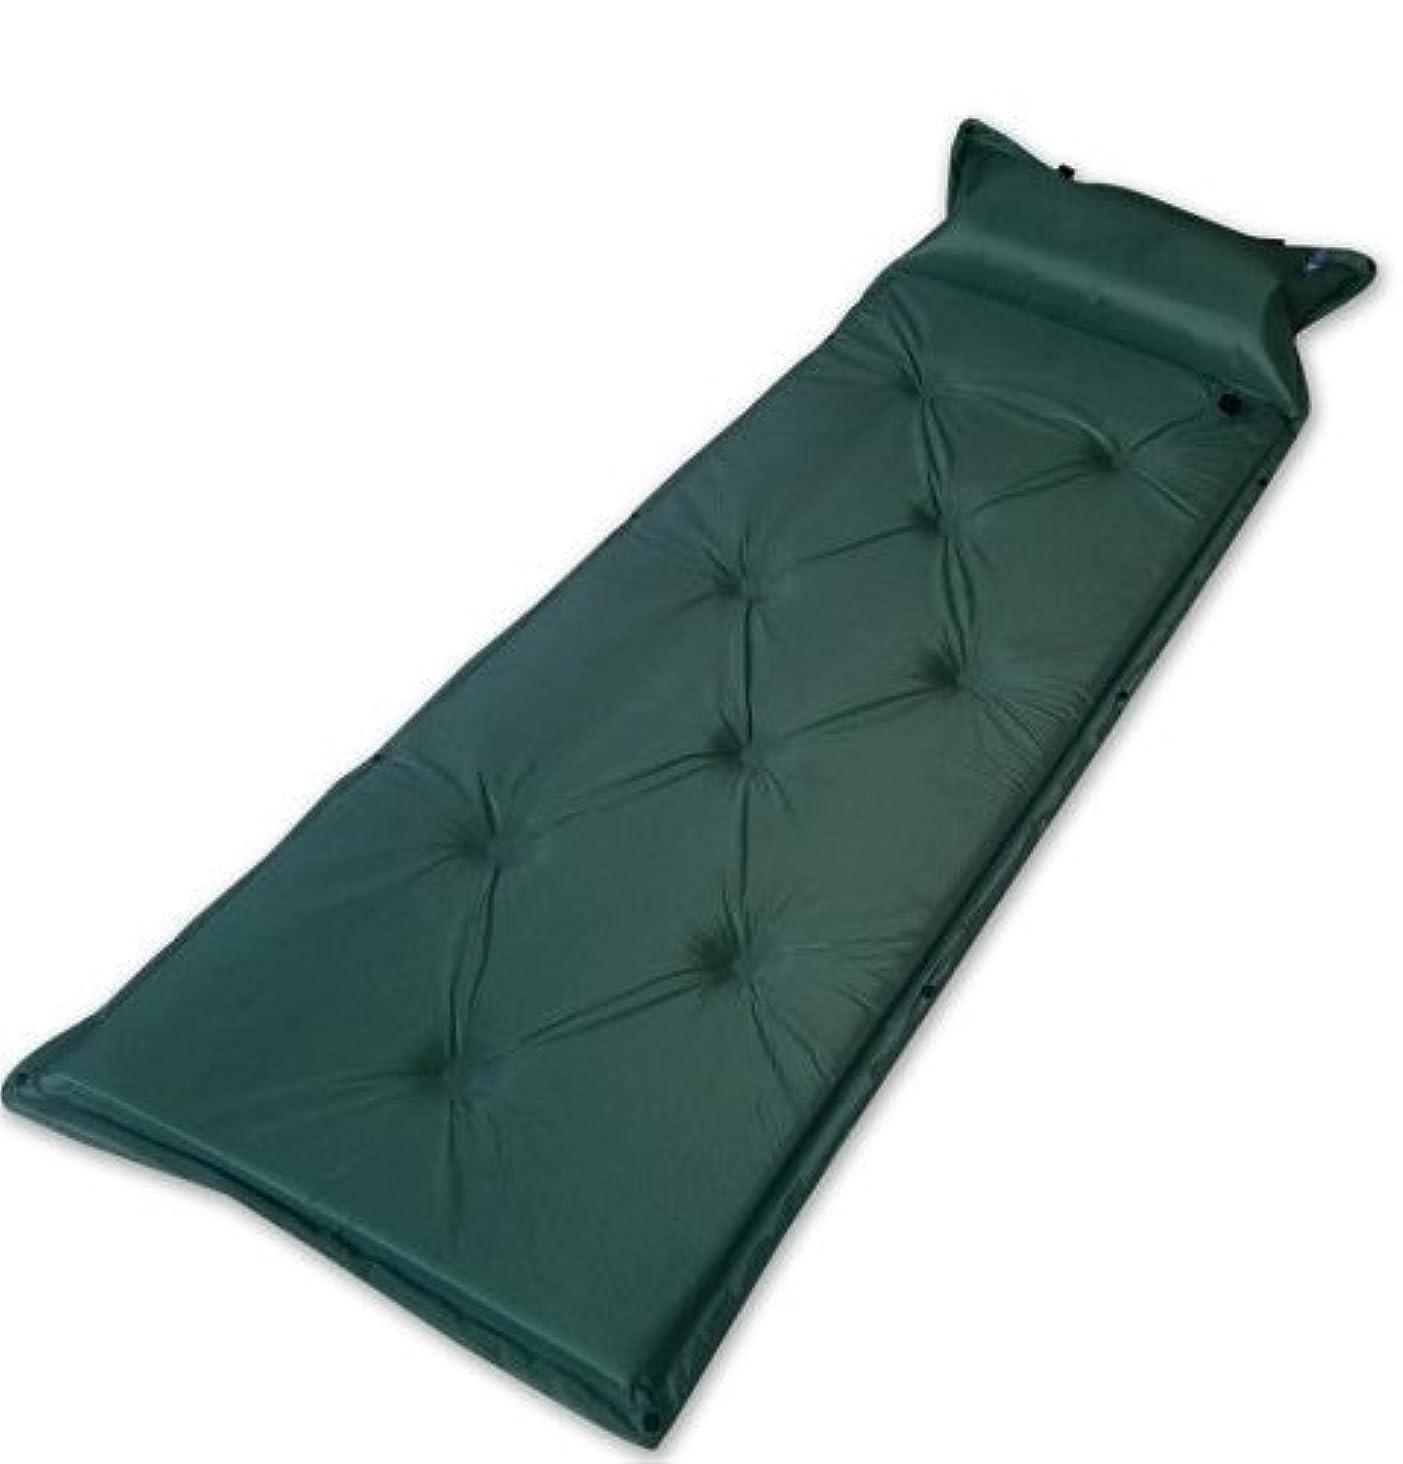 テクスチャー神秘長くするmitefデフクラブパッドキャンプパッドwith Attachedインフレータブル枕、枕のSleepingマット